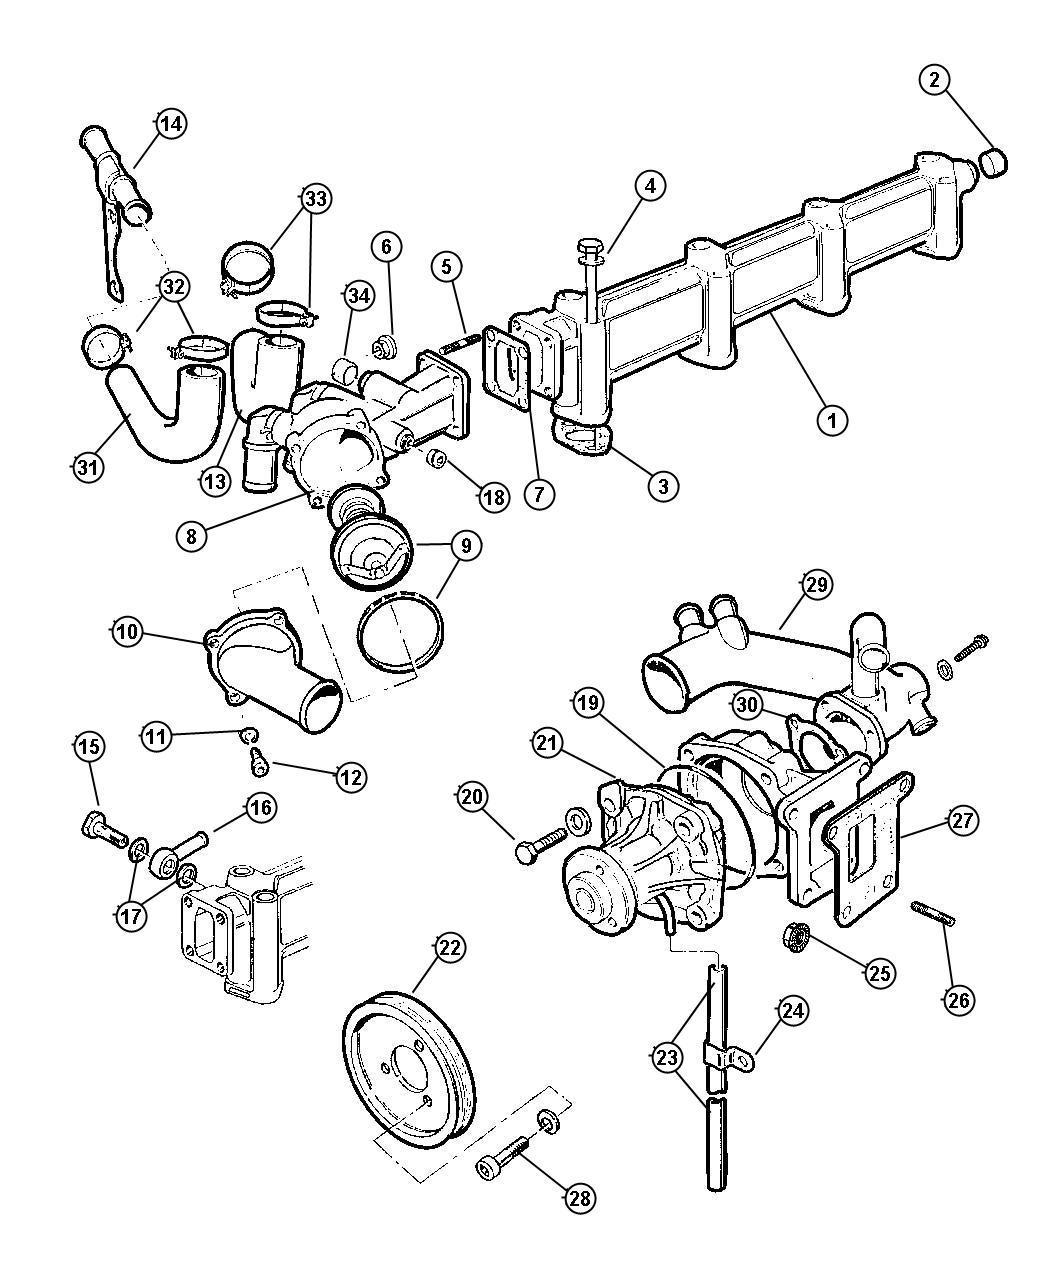 Wiring Diagram: 29 Dodge Ram 1500 Parts Diagram